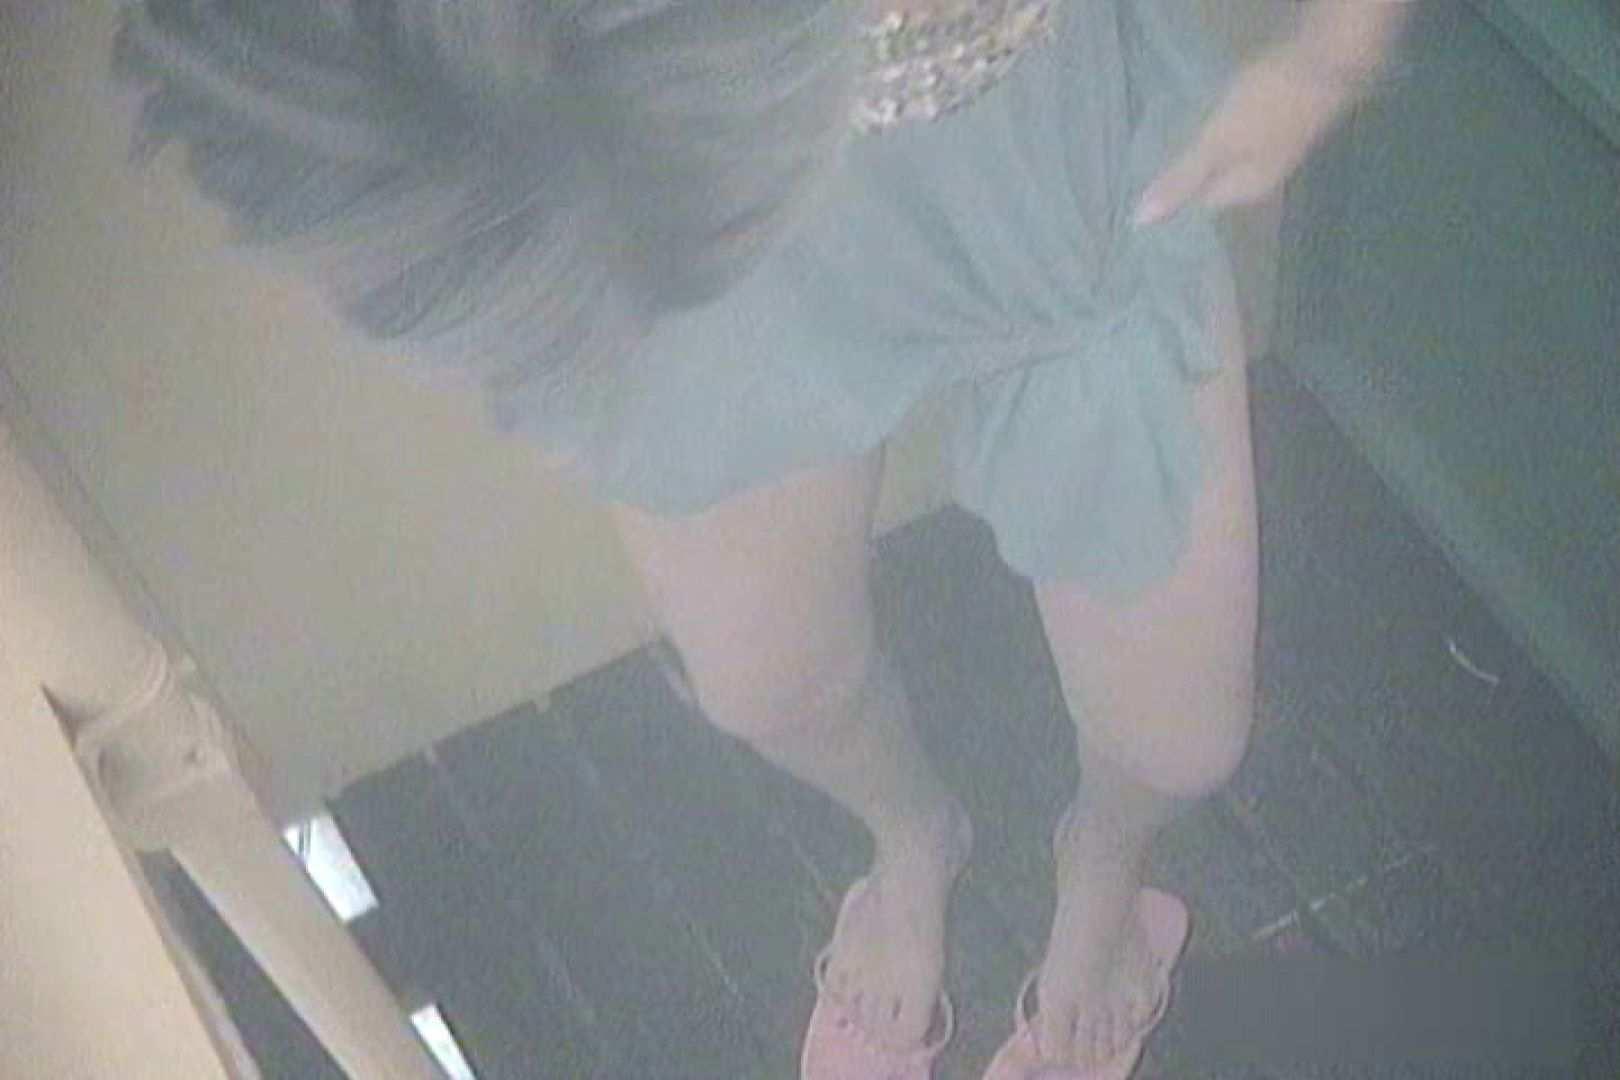 夏海シャワー室!ベトベトお肌をサラサラに!VOL.07 シャワー室 | 美女OL  61連発 49